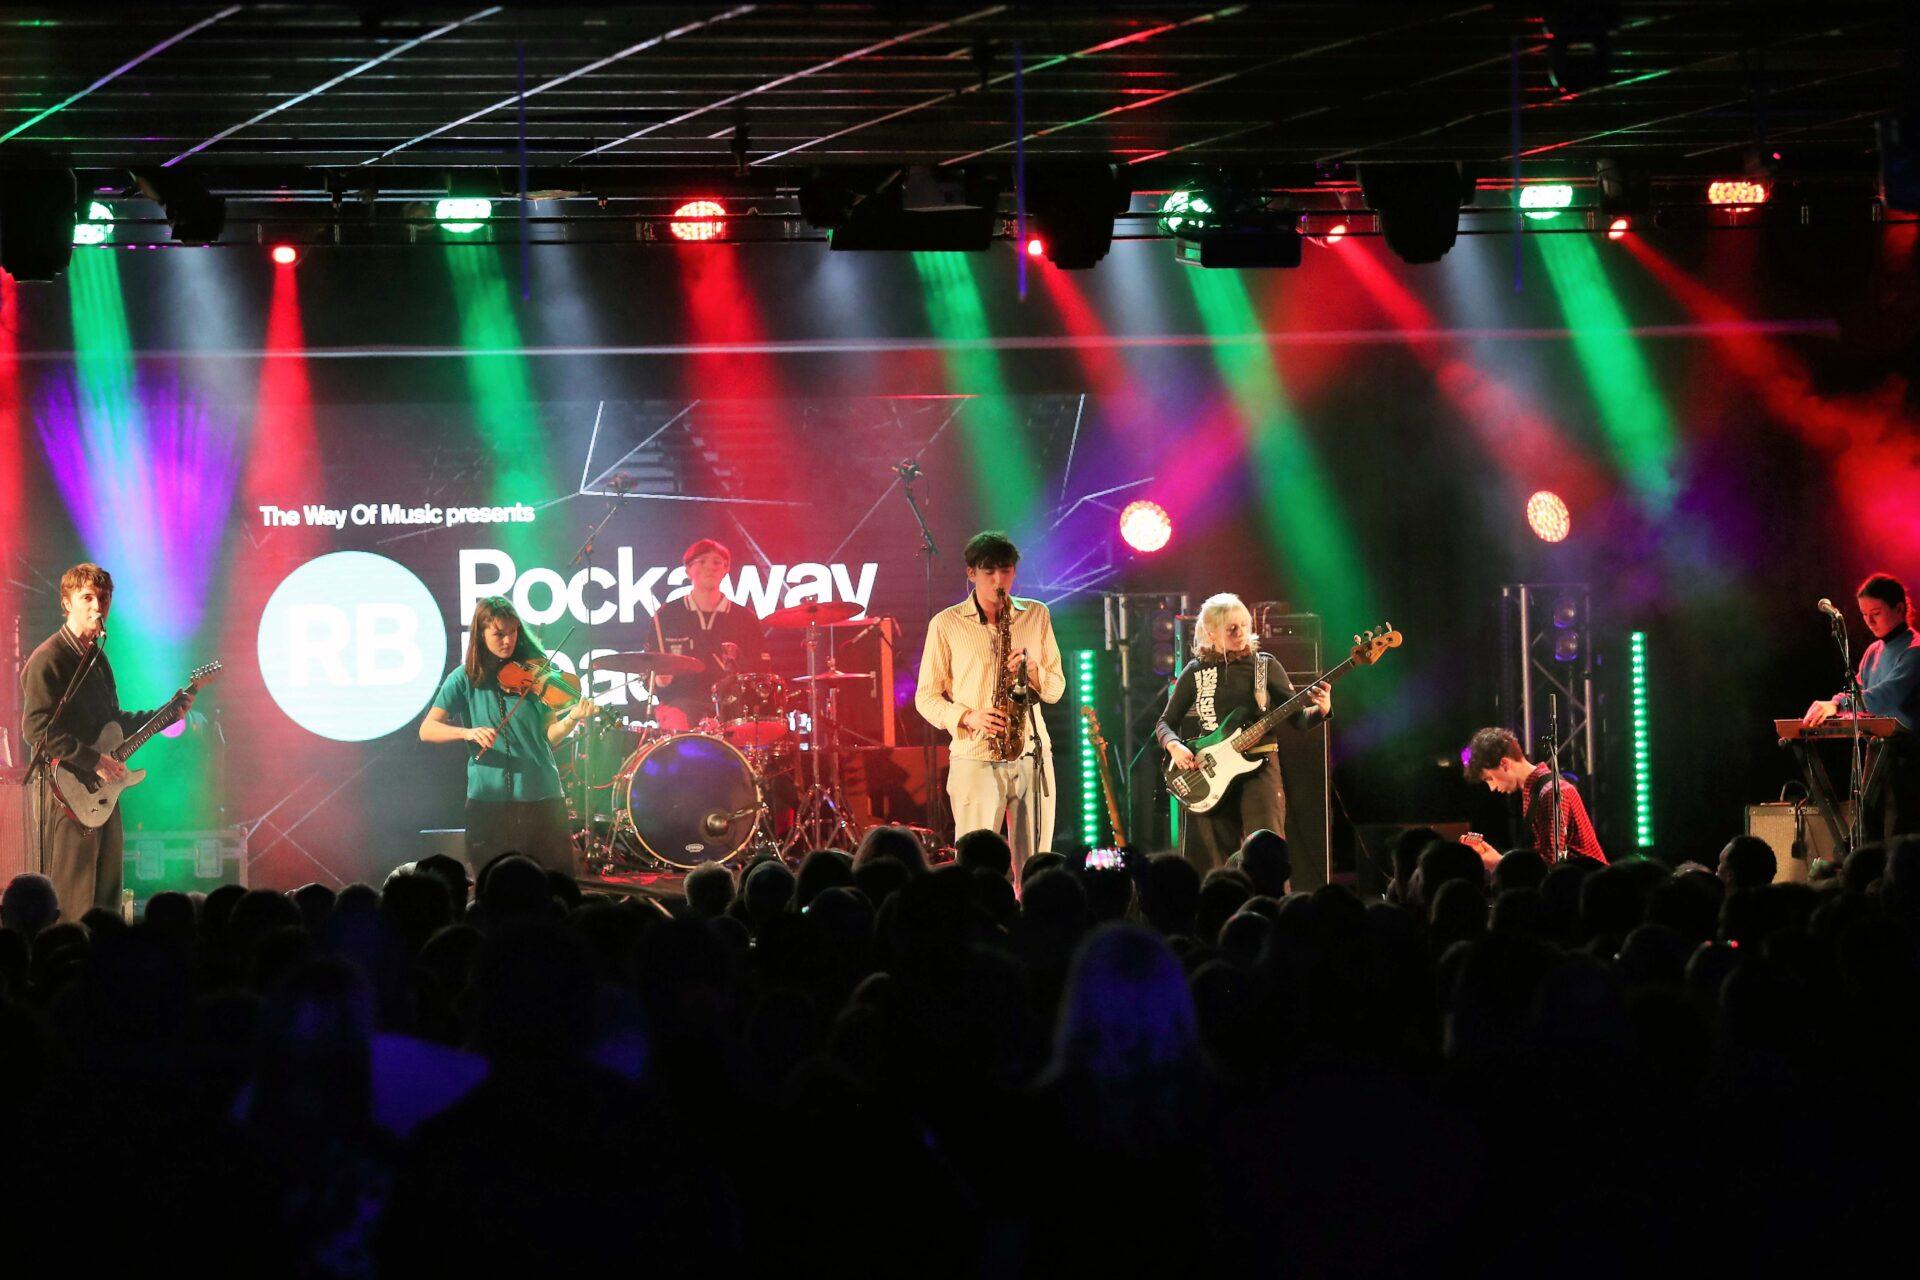 FESTIVAL REPORT: Rockaway Beach 2020